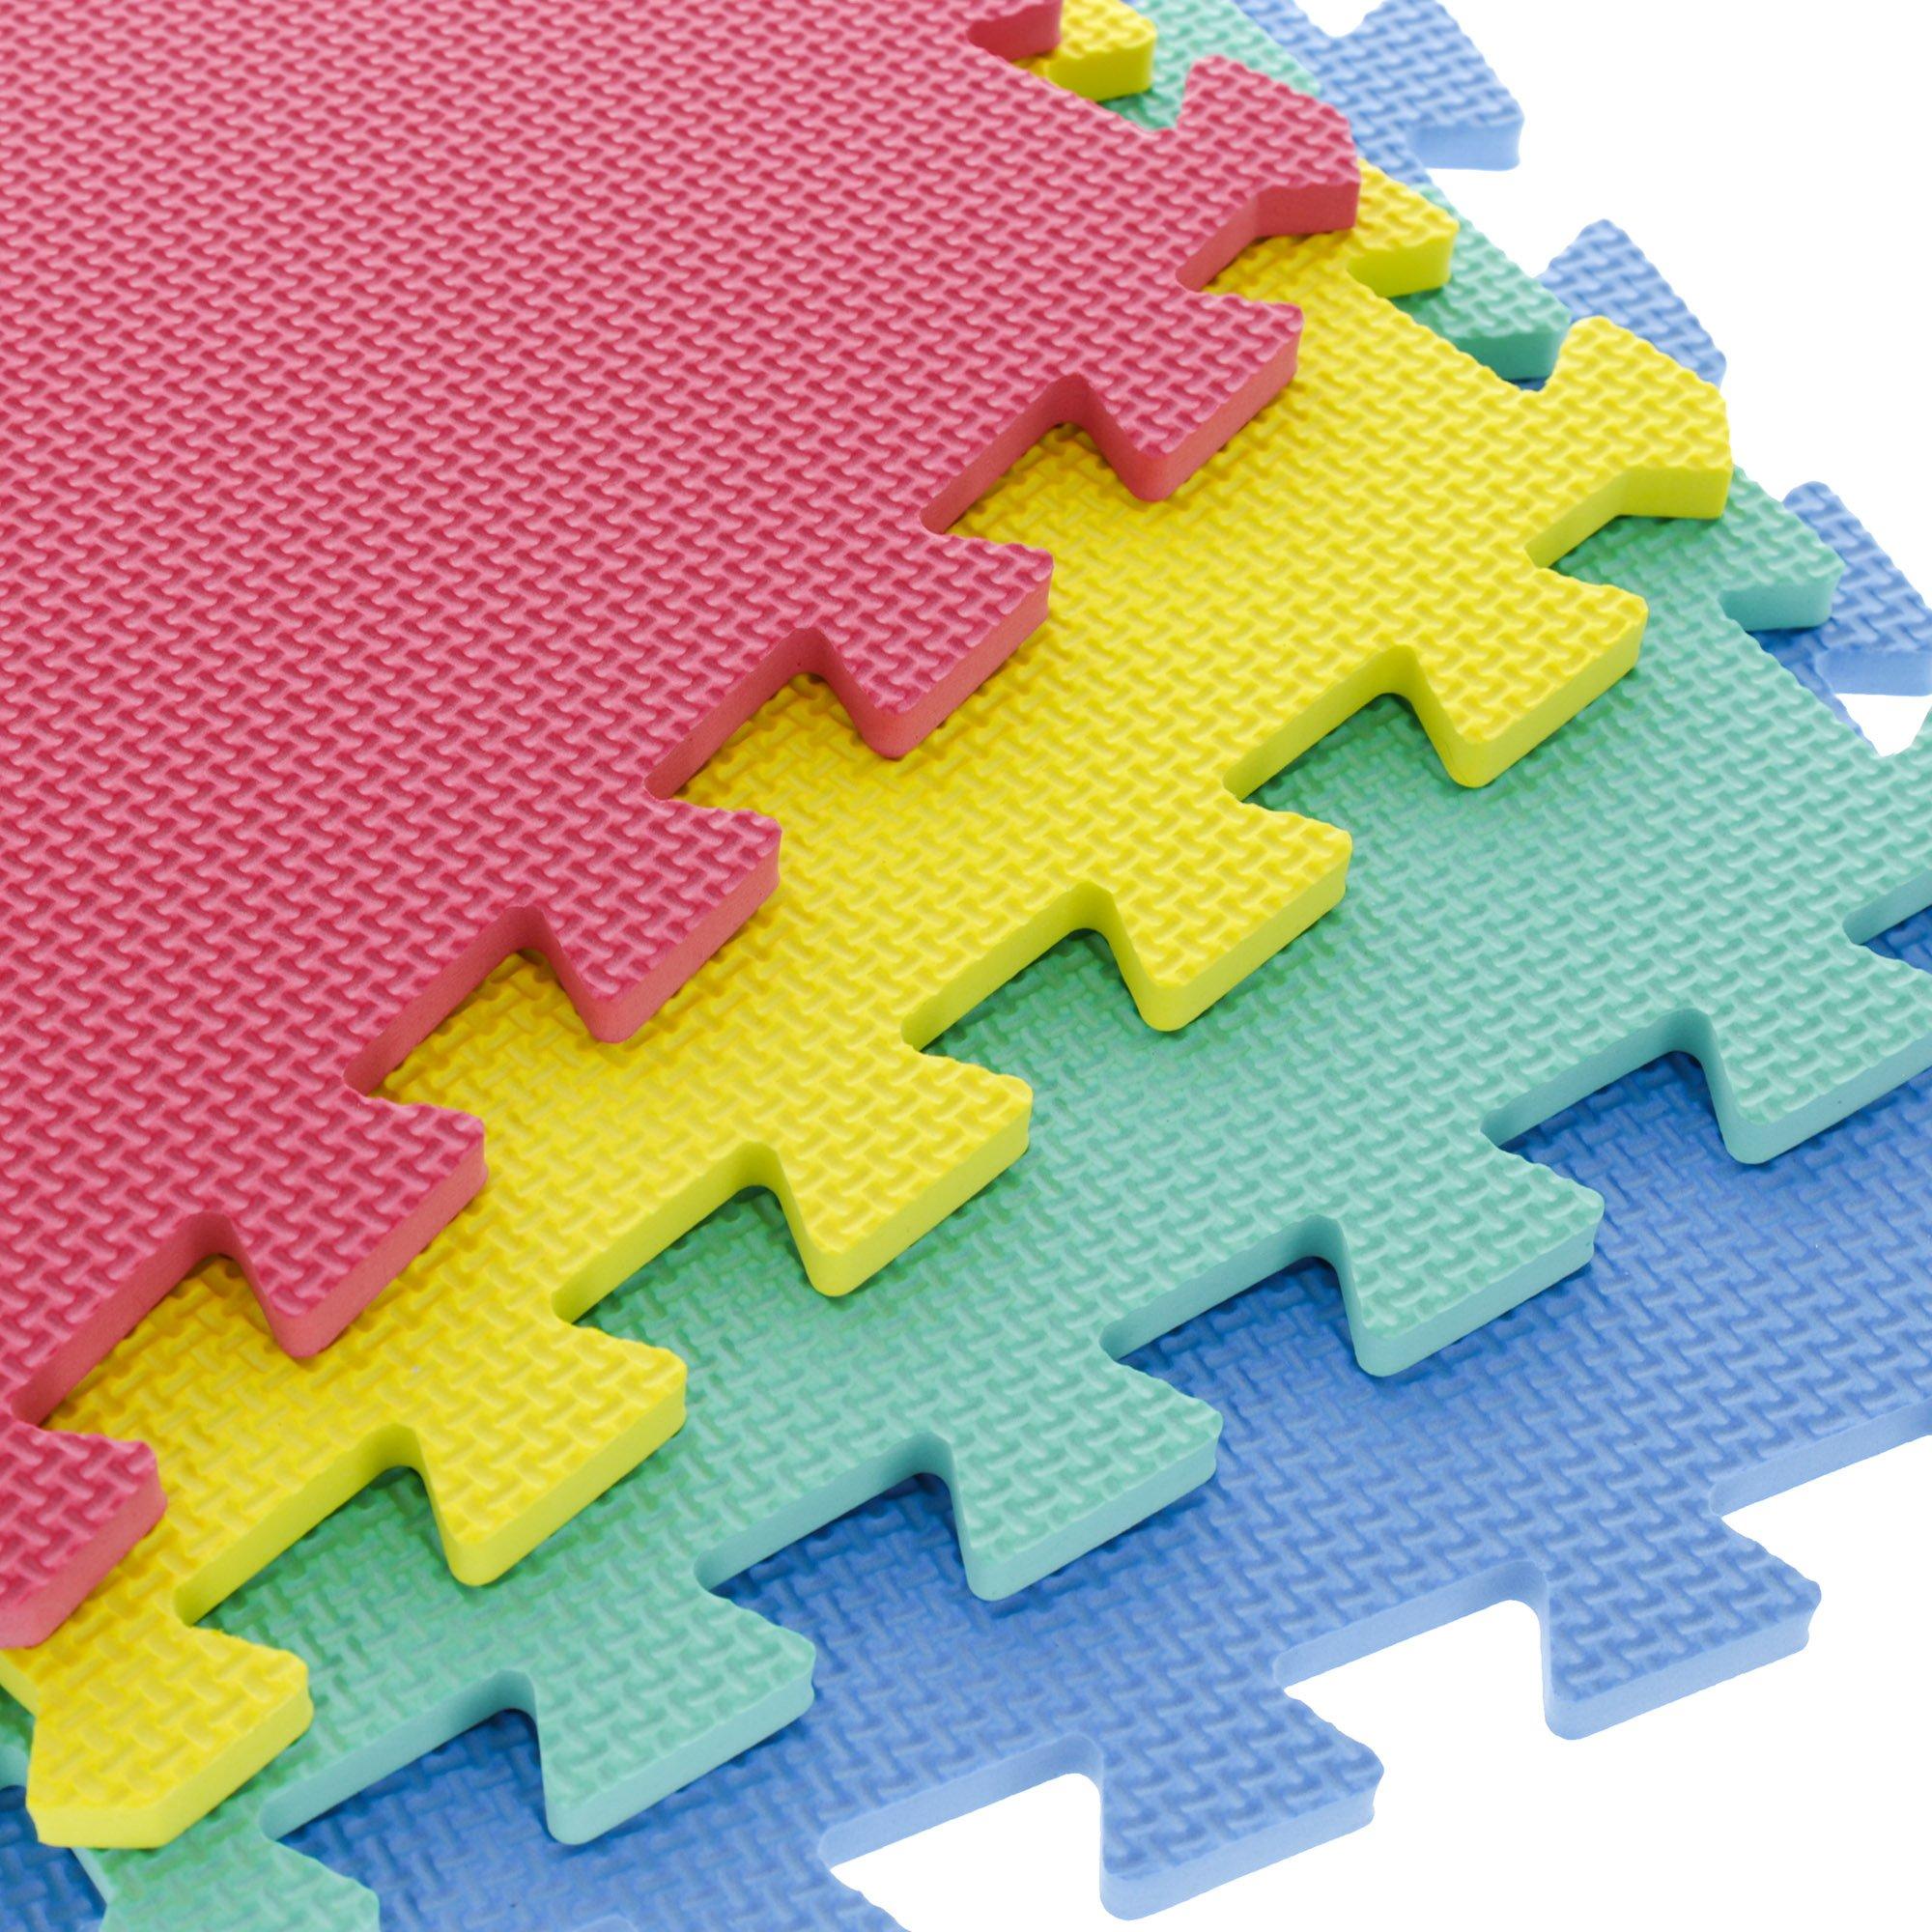 Stalwart Foam Mat Floor Tiles, Interlocking EVA Foam Padding by Stalwart (Image #4)